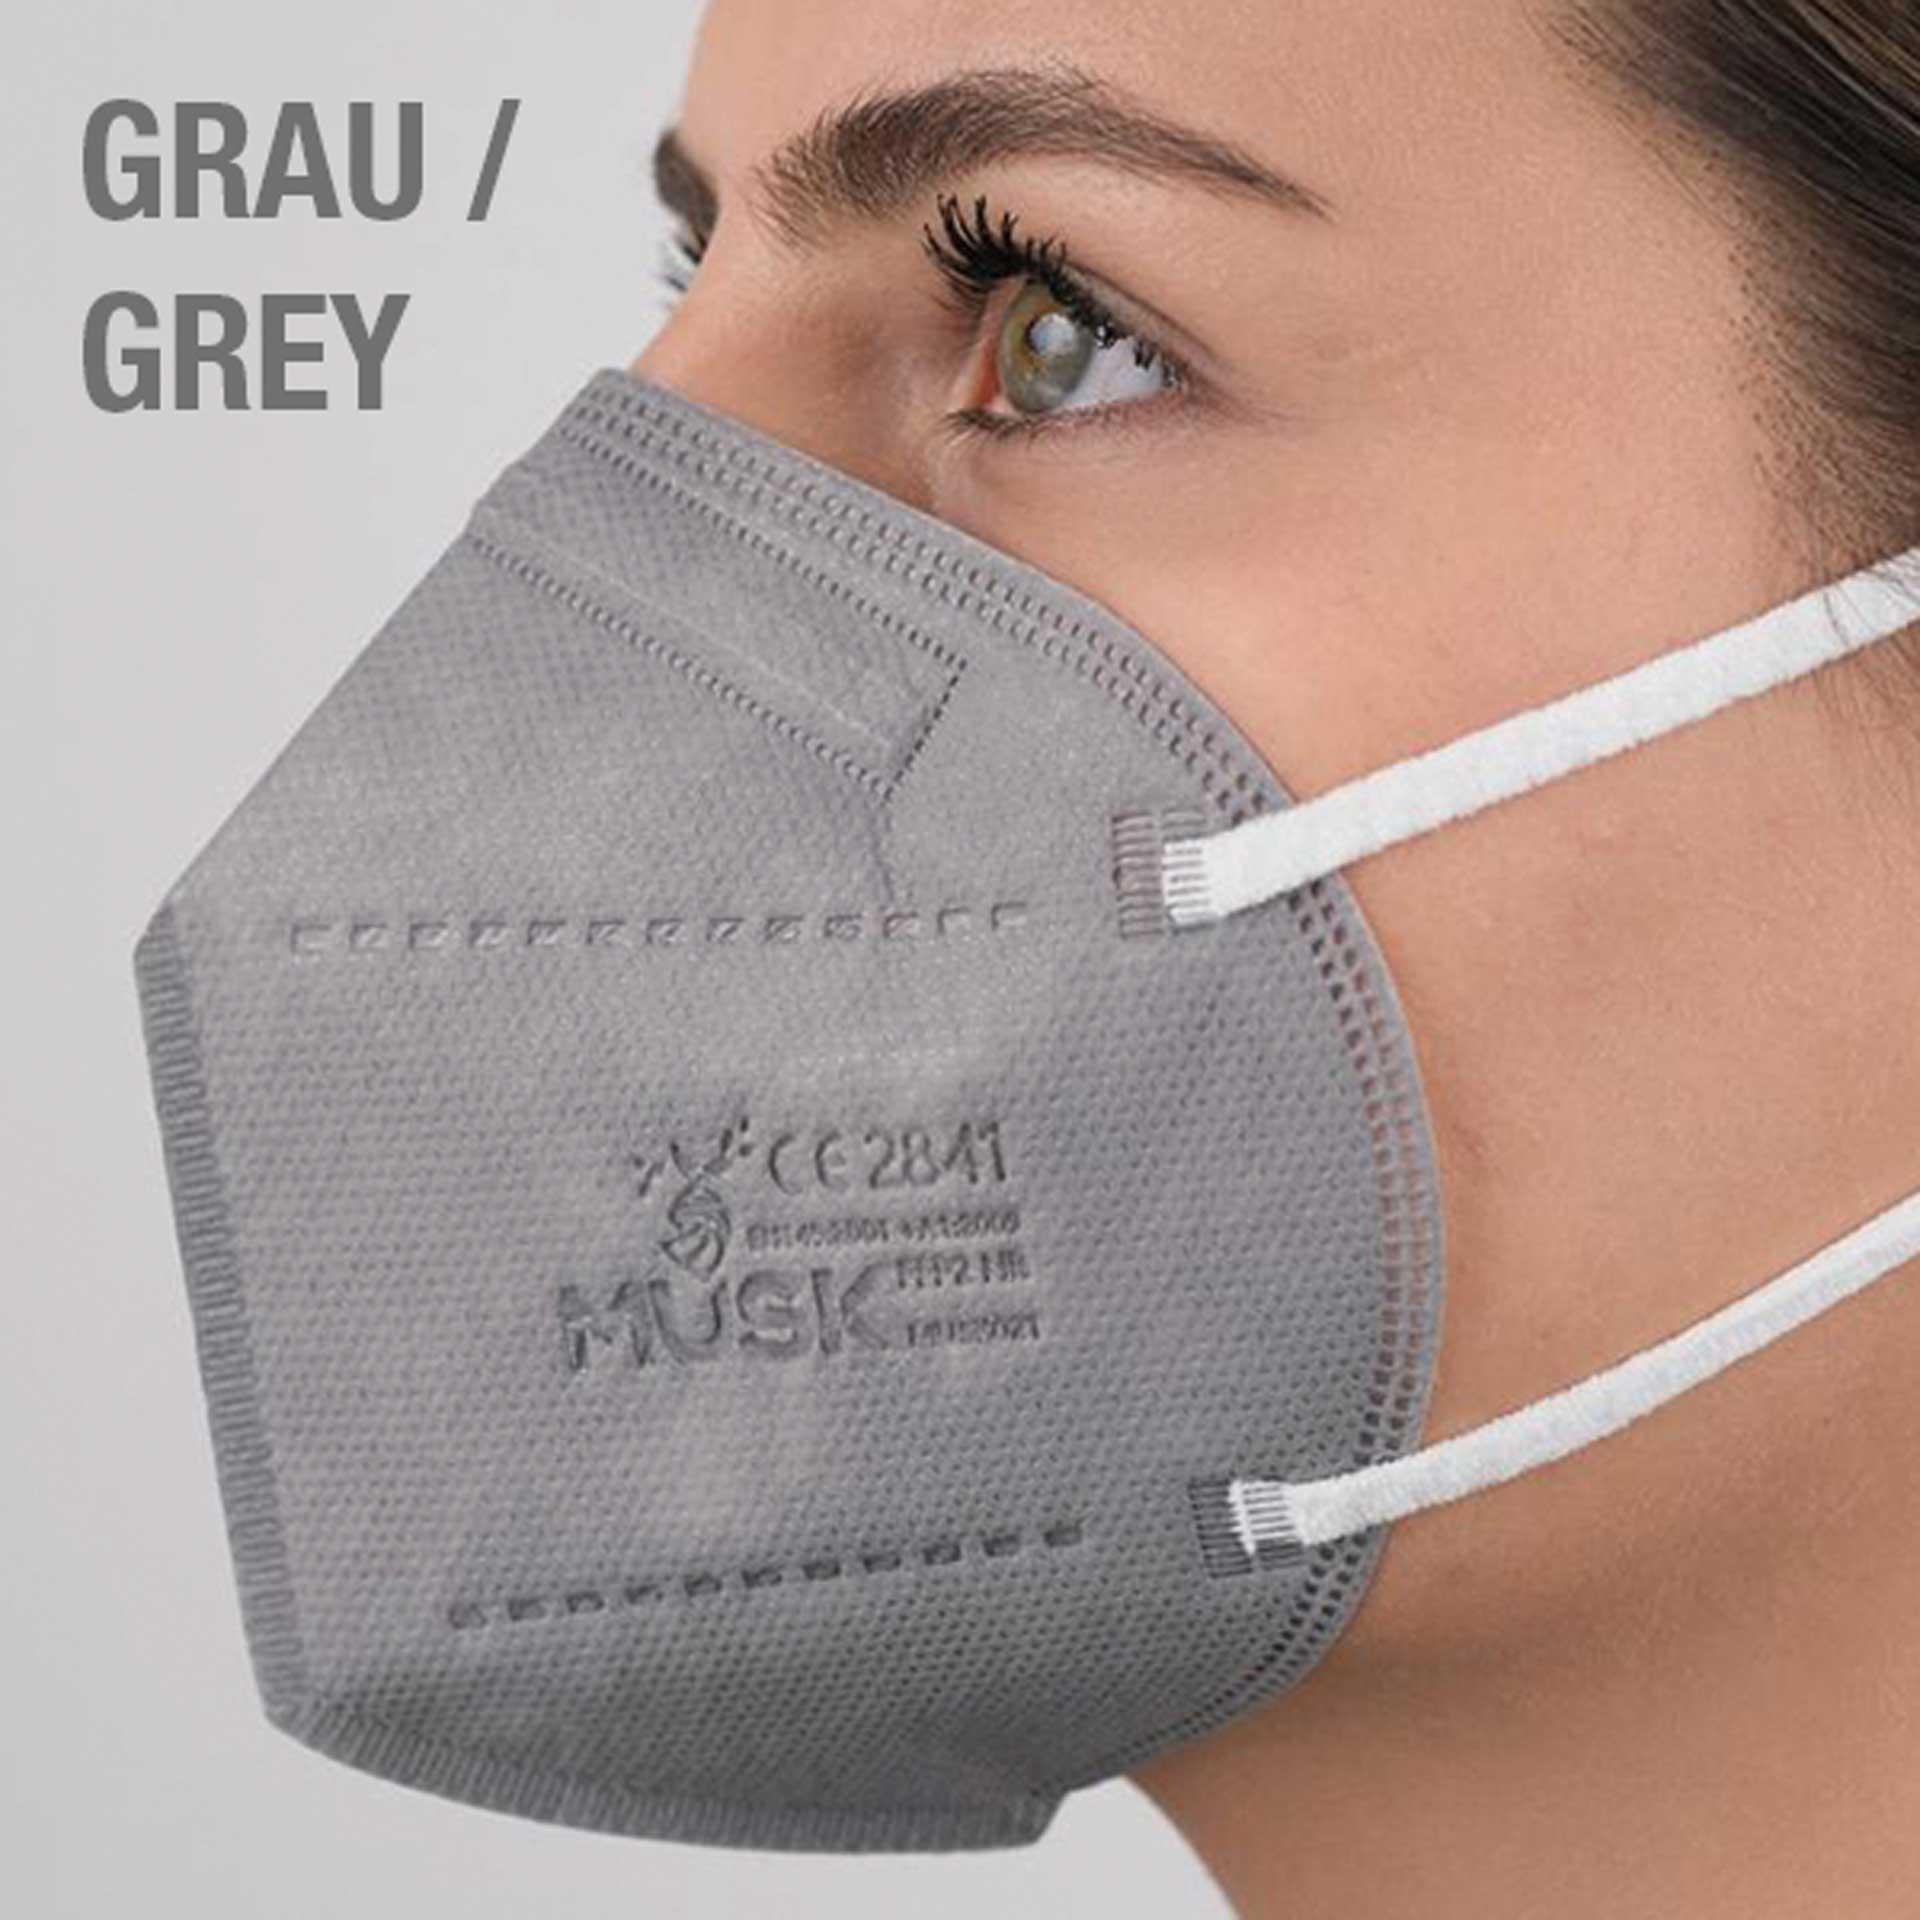 R&G Atemschutzmaske GRAU, FFP2 NR, Packung/ 1 St.